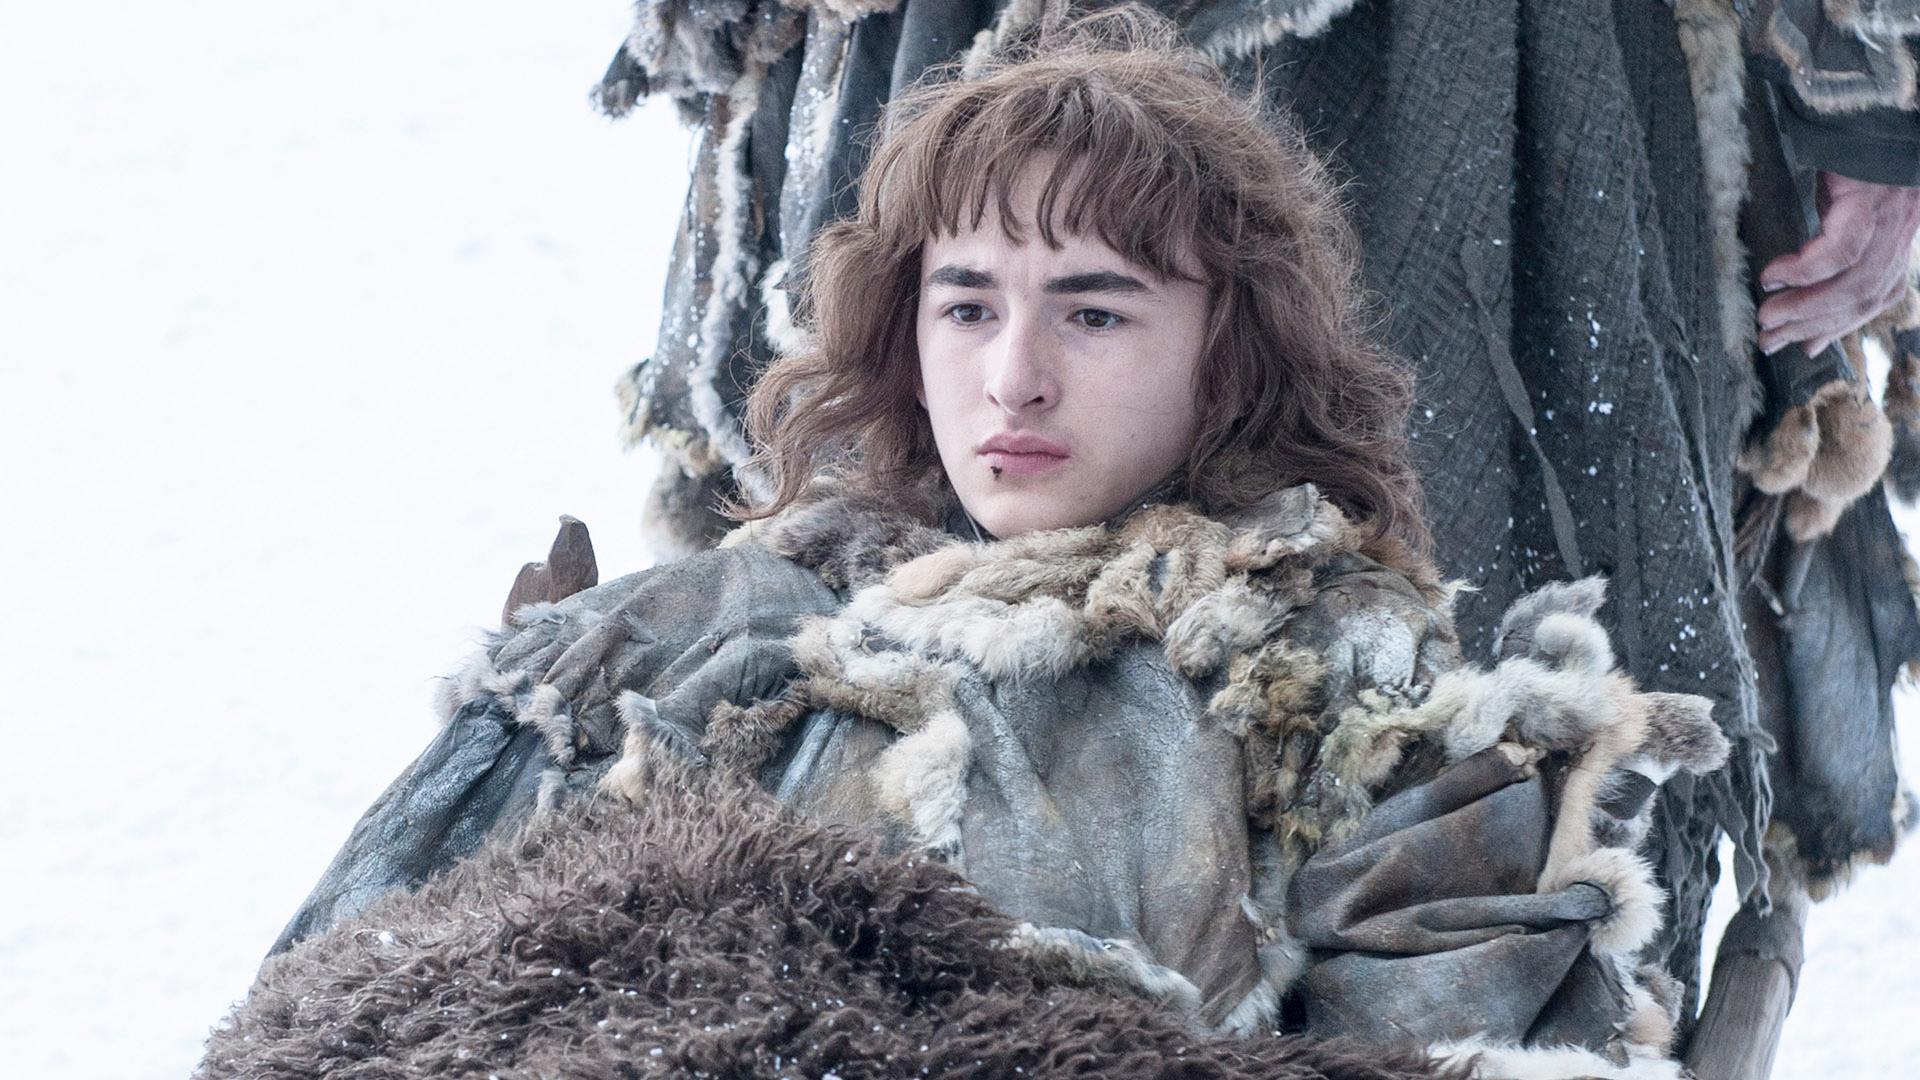 Папка «Фото», Зима пришла! Все, что нужно знать об Игре престолов – Бран.